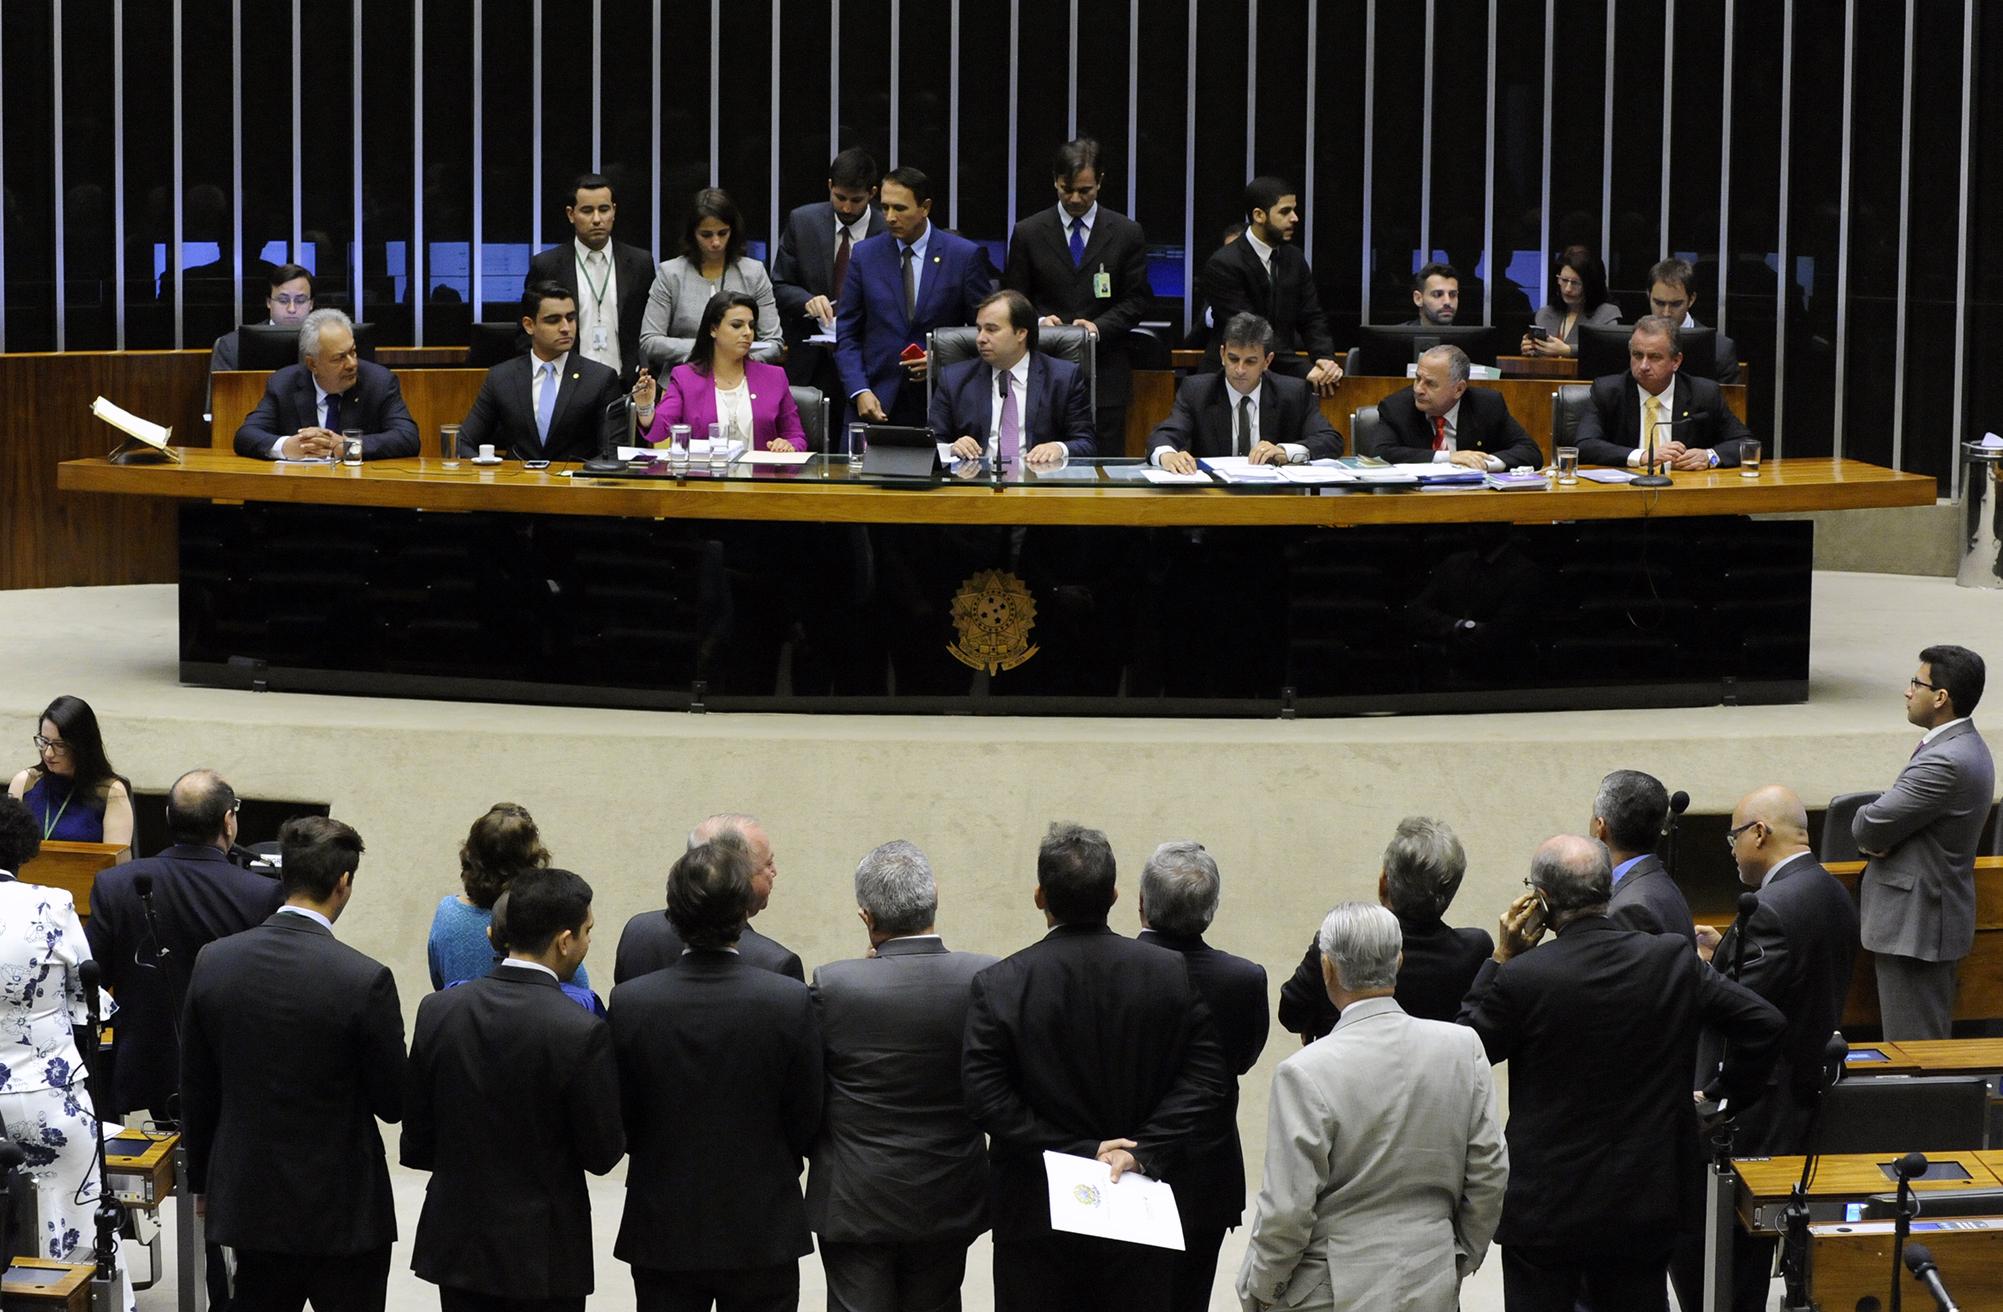 Leitura da denúncia contra o presidente da República, Michel Temer (PMDB). Presidente da Câmara dos Deputados, deputado Rodrigo Maia (DEM-RJ) e Segunda-Secretária da Câmara, deputada Mariana Carvalho (PSDB-RO)